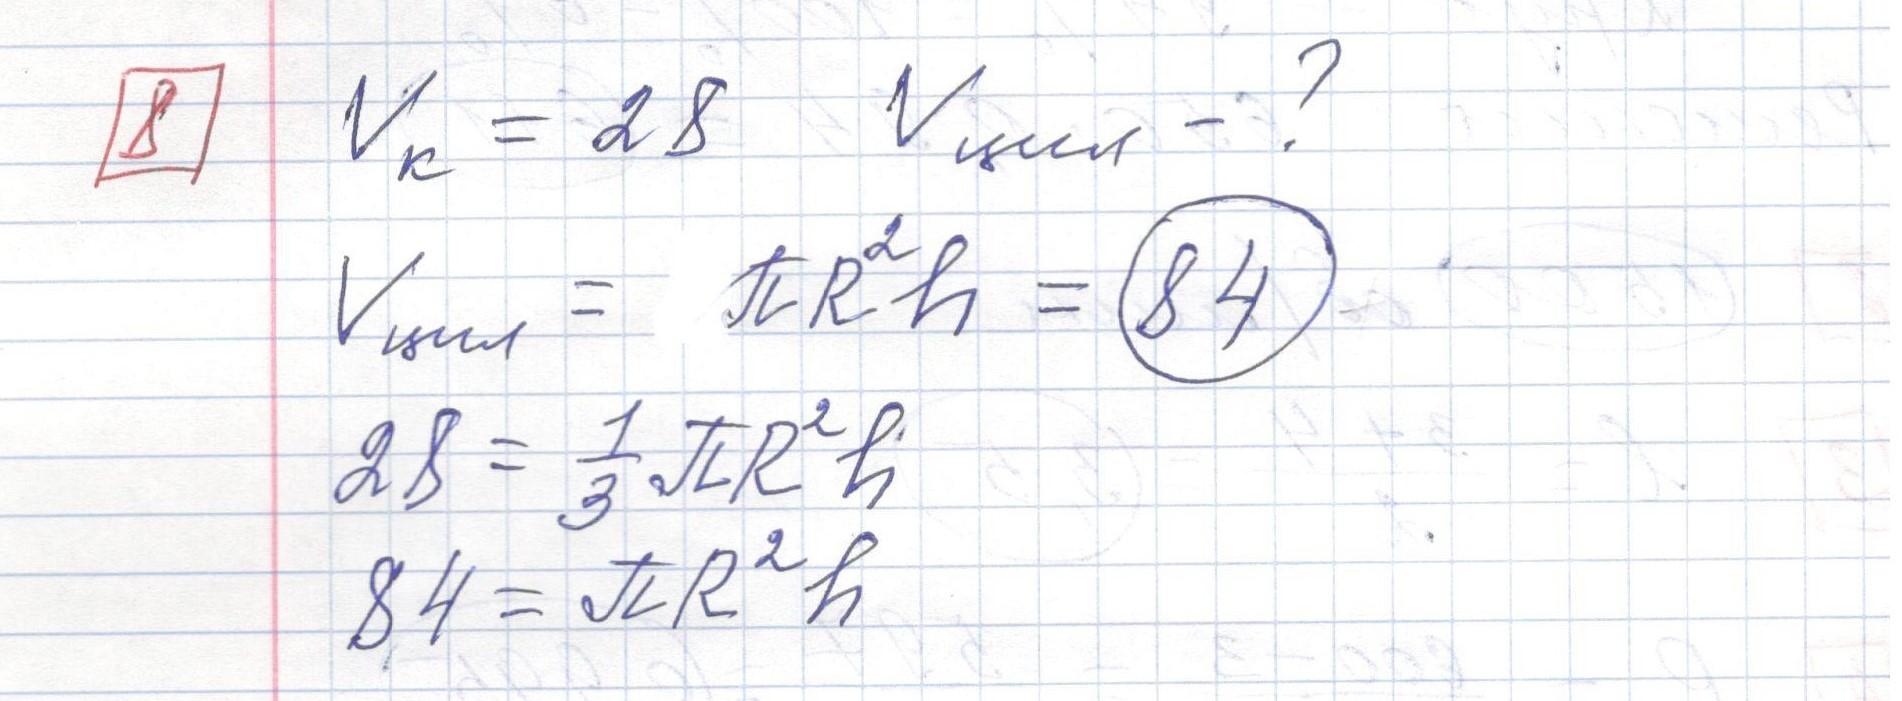 Задние 8, Вариант 1 решение и ответ - Ященко ЕГЭ 2018 математика профиль 36 вариантов